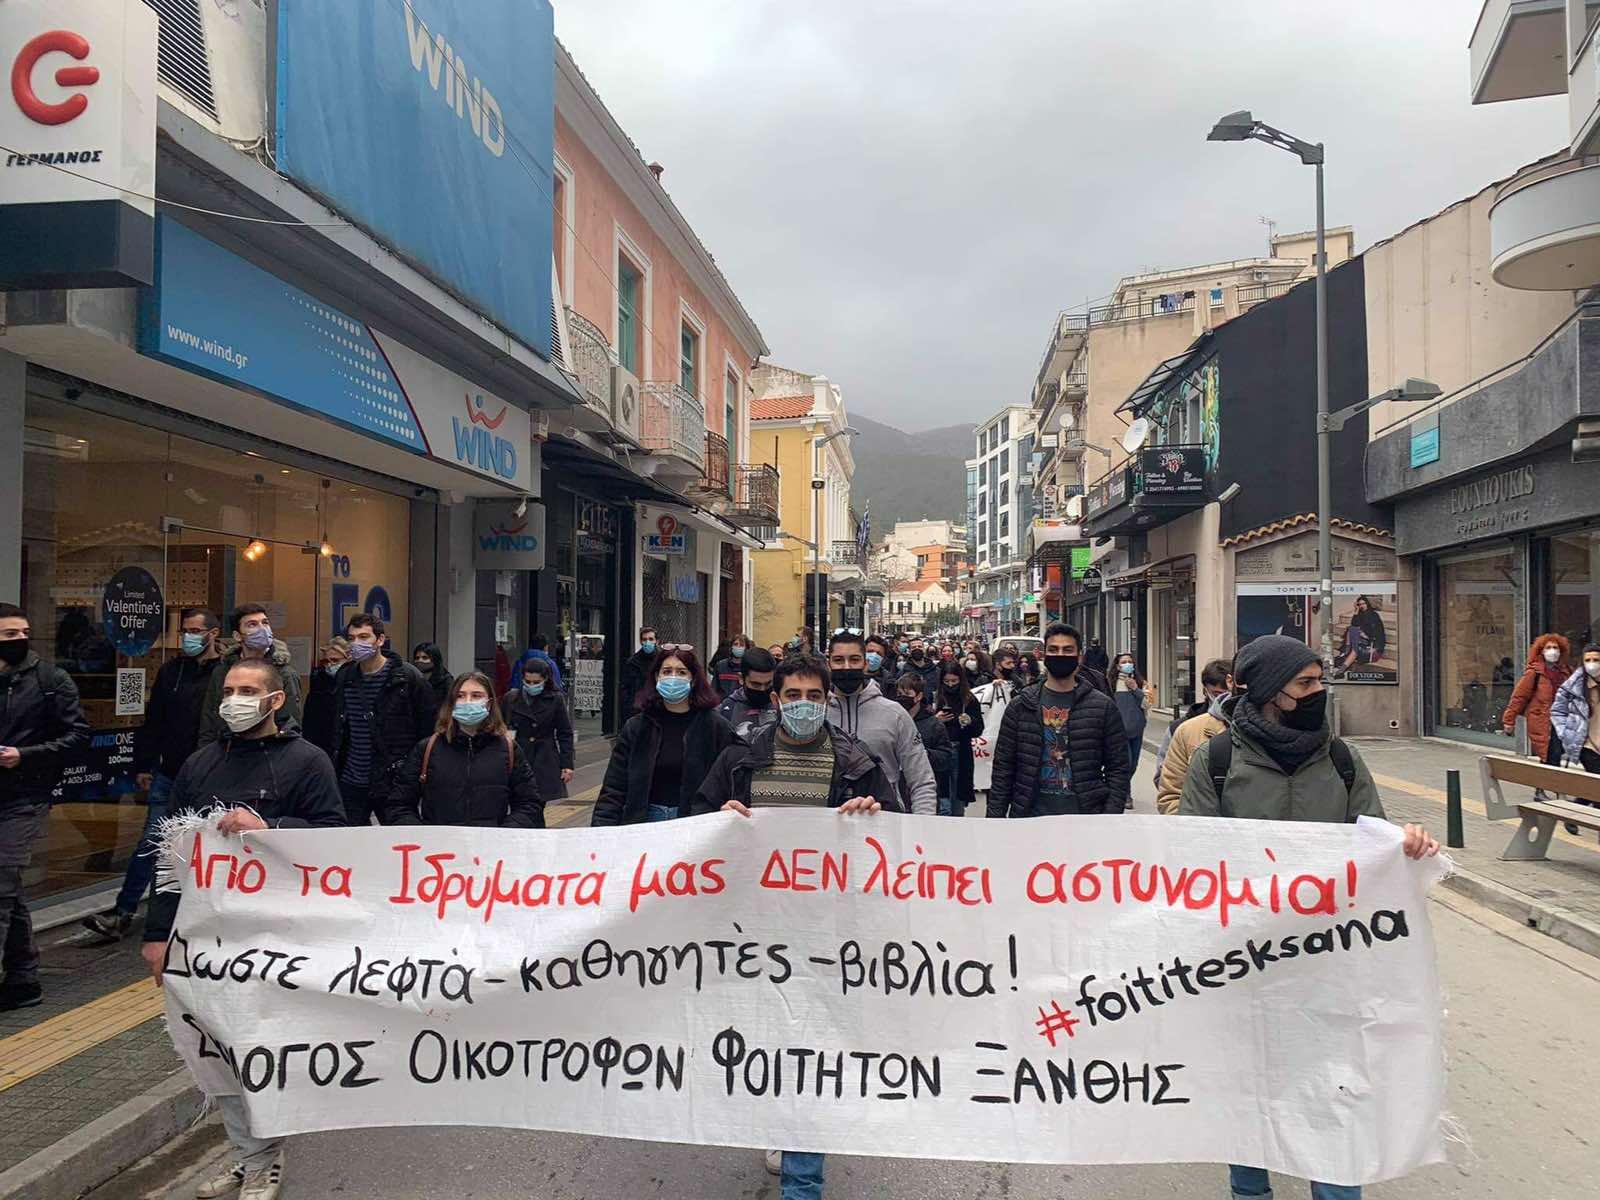 Στους δρόμους ξανά οι φοιτητές της Ξάνθης για τις αλλαγές στα Πανεπιστήμια